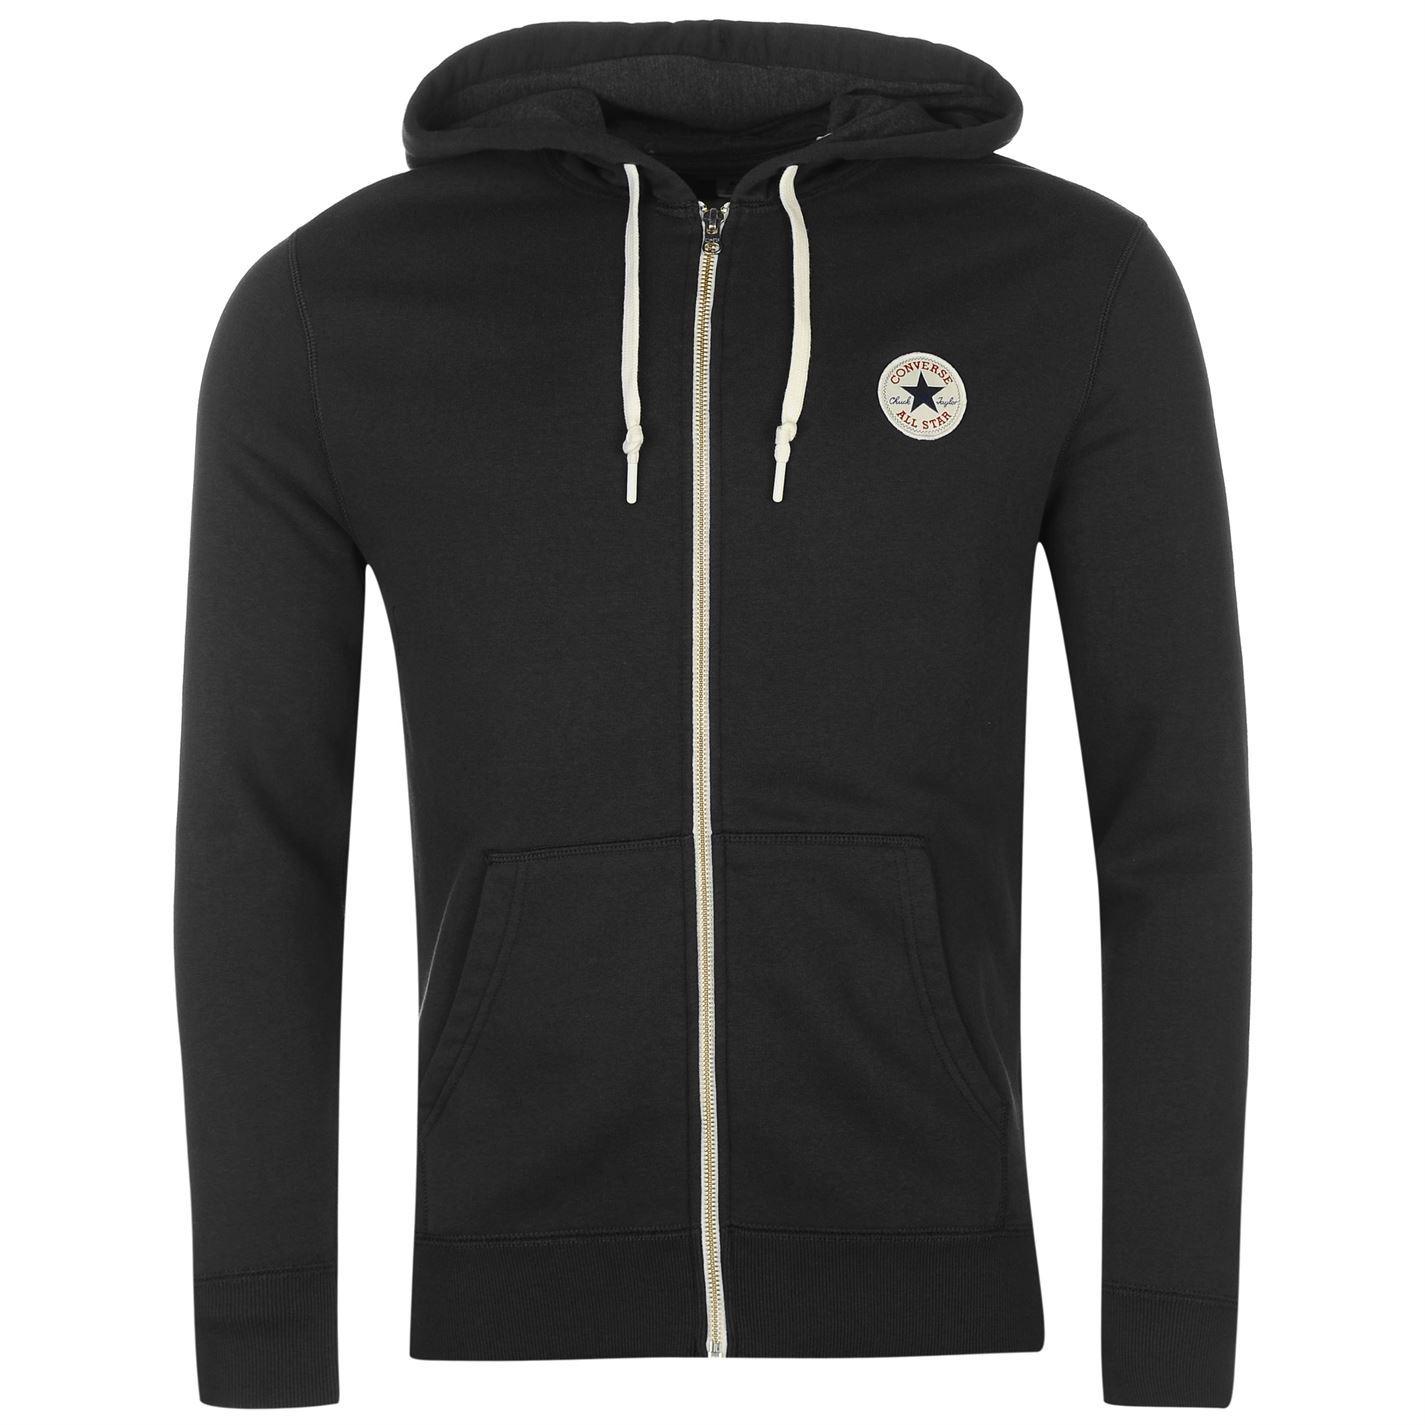 thumbnail 3 - Converse Core Full Zip Hoody Jacket Mens Hoodie Sweatshirt Sweater Hooded Top